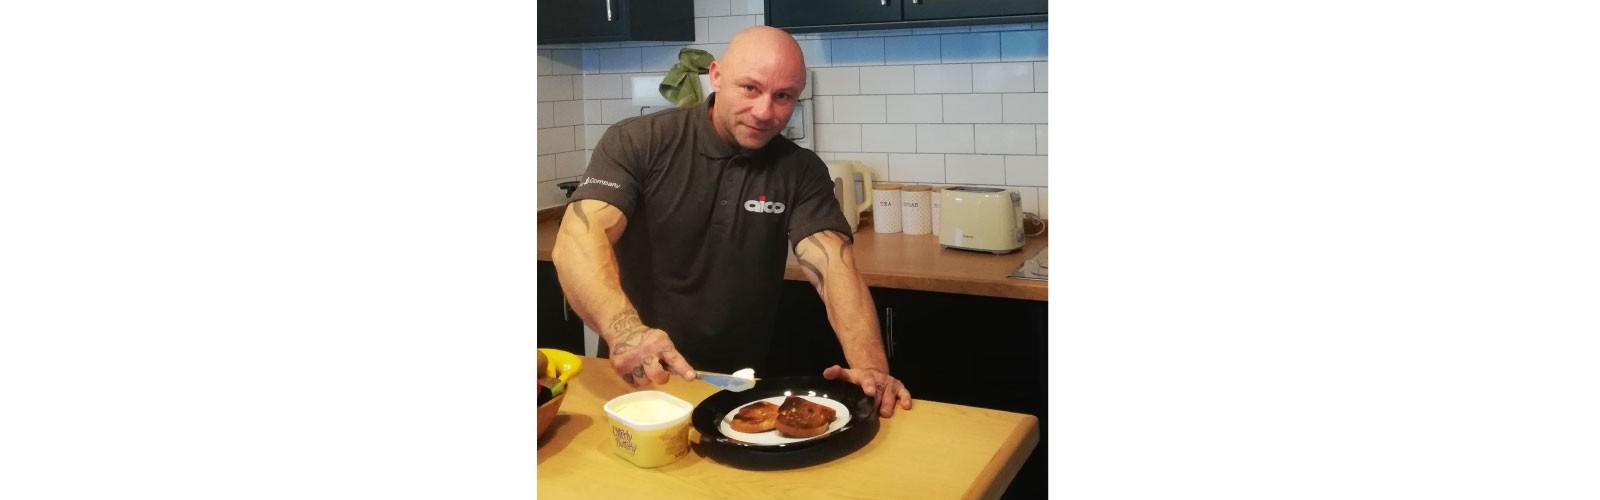 Allen in the kitchen